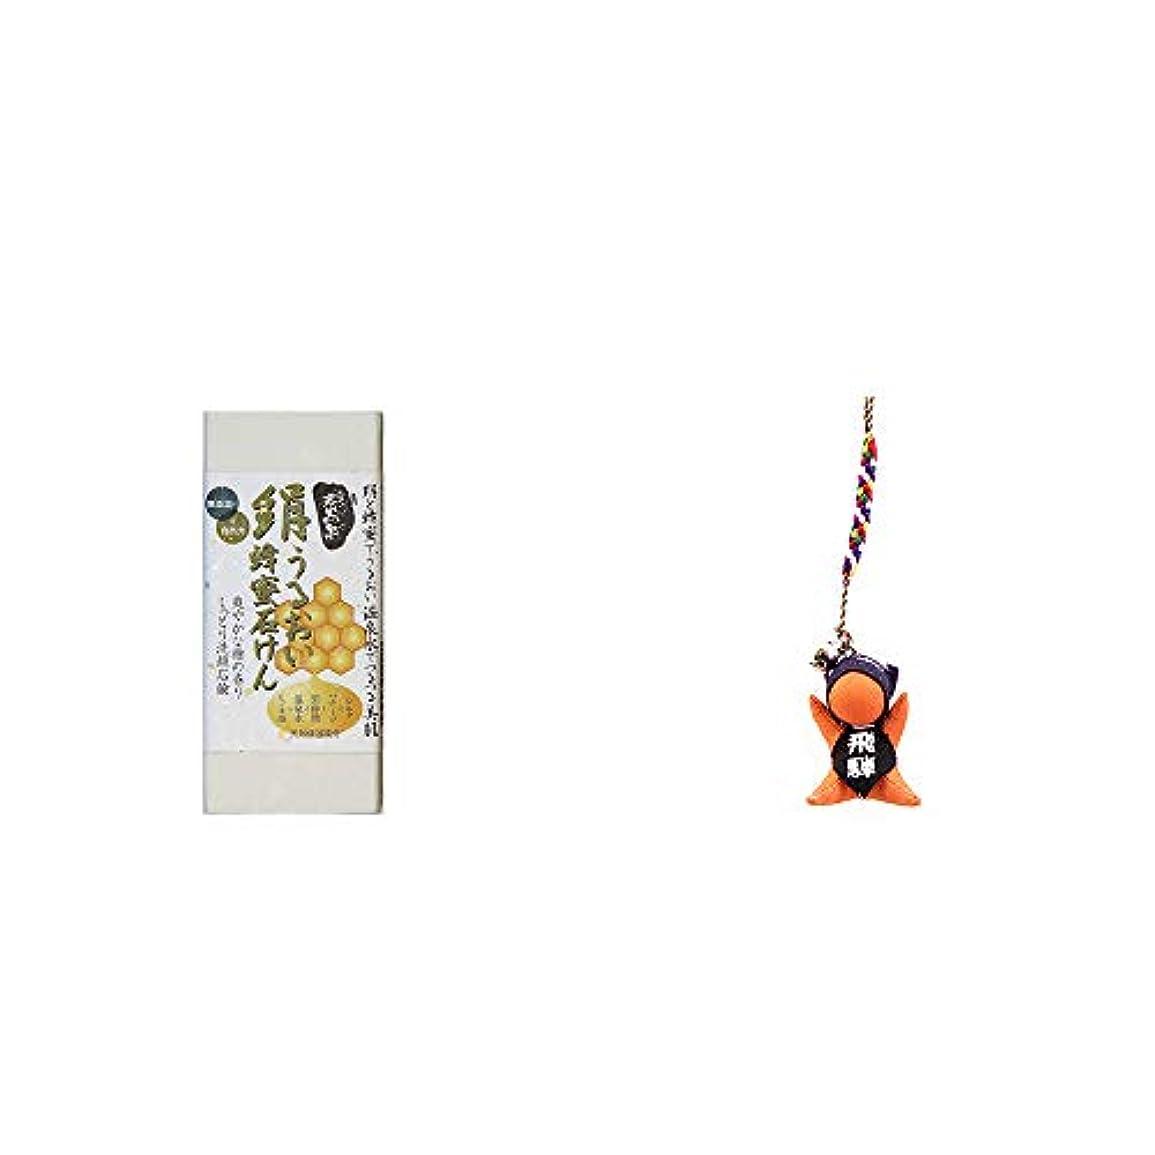 知覚する意図するフリル[2点セット] ひのき炭黒泉 絹うるおい蜂蜜石けん(75g×2)?さるぼぼ根付【オレンジ】 / ストラップ 縁結び?魔除け //